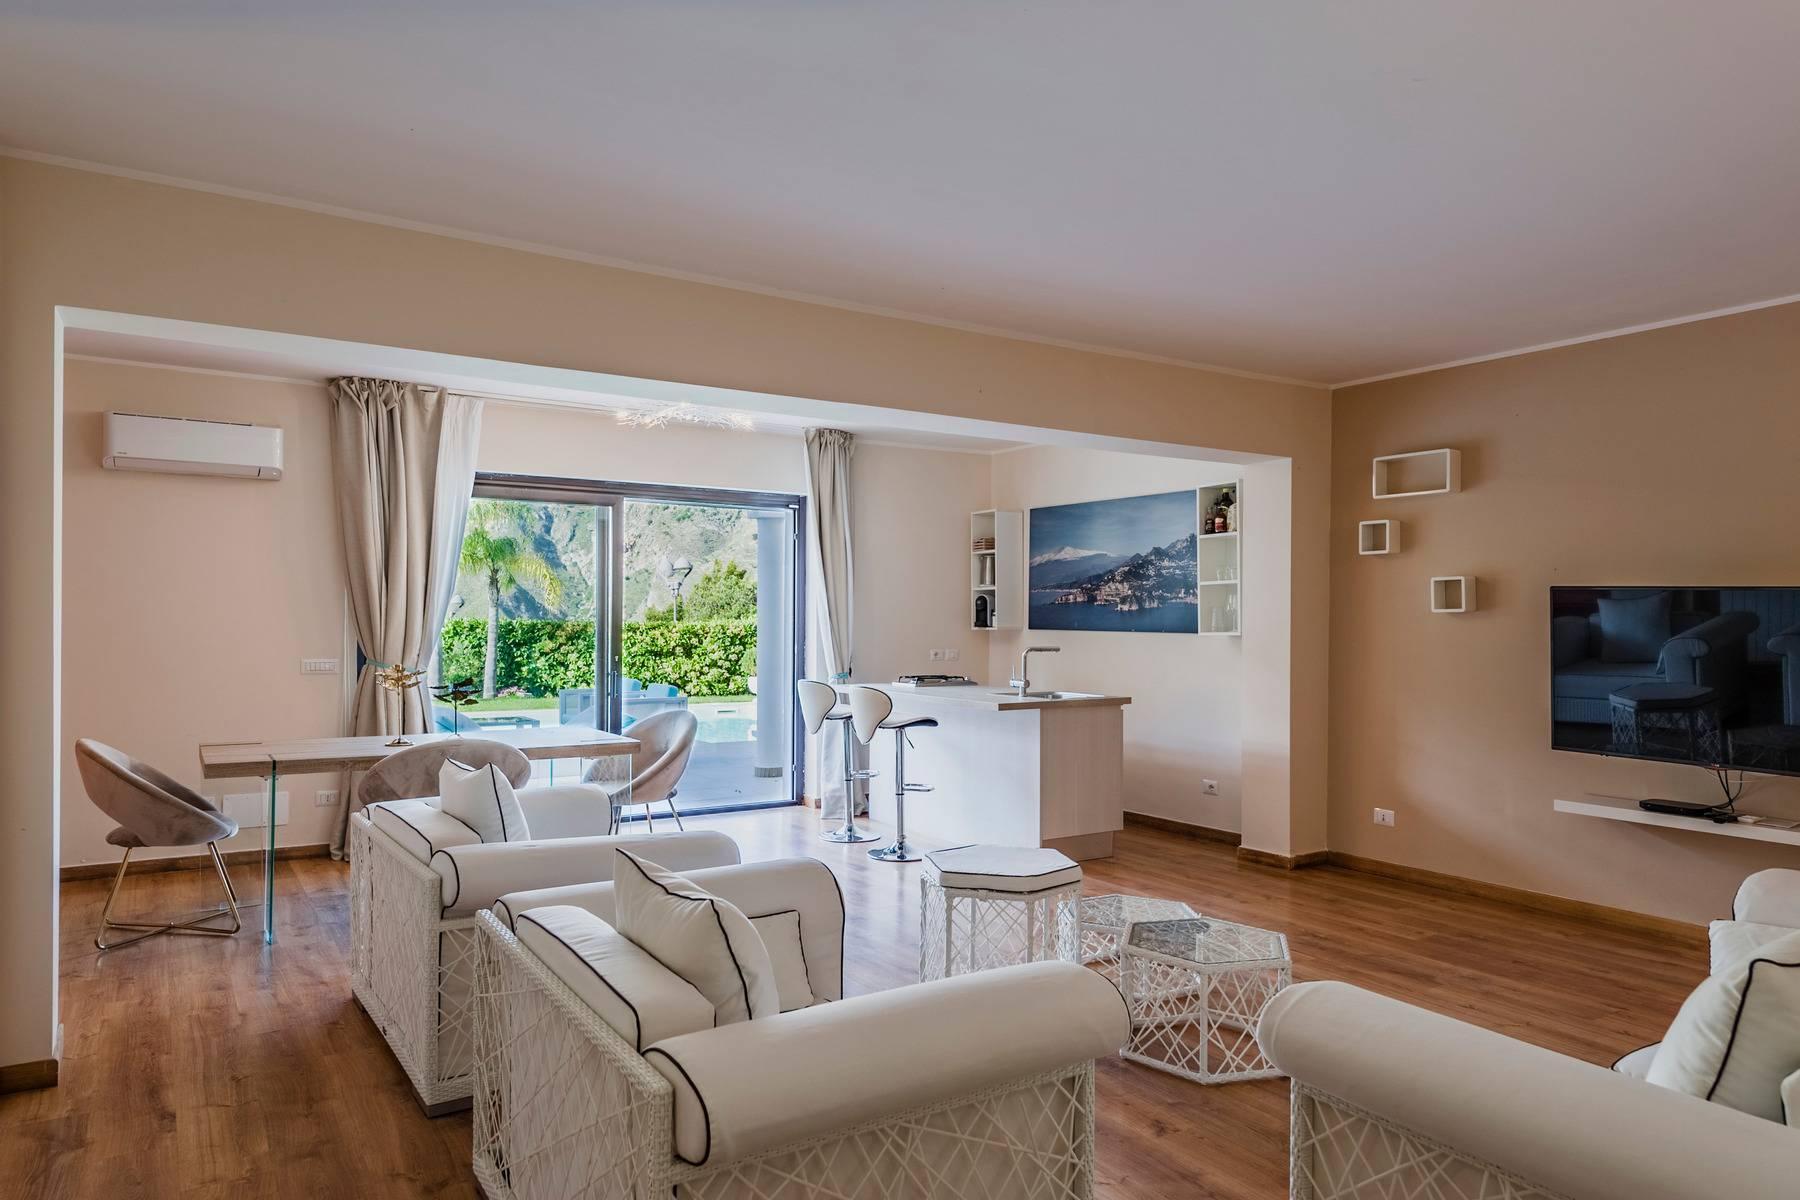 Modern villa with swimming pool in Taormina - 24